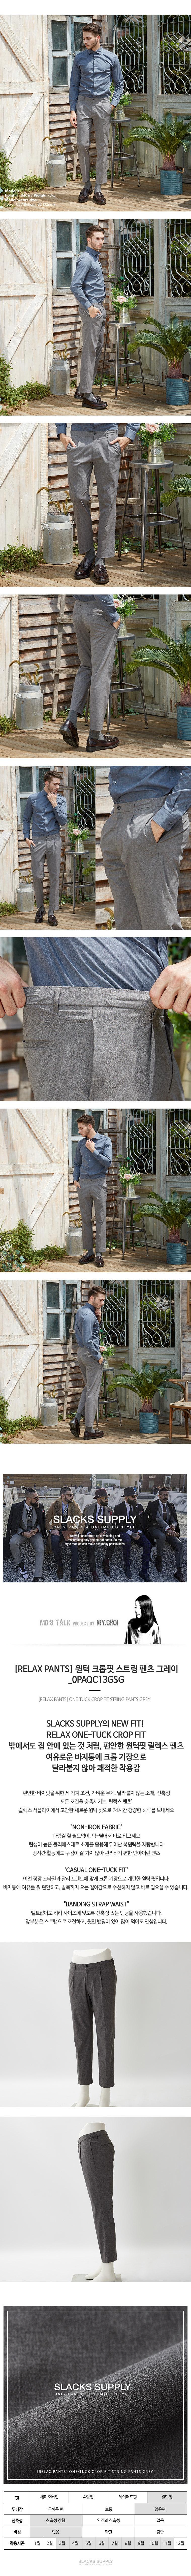 젠틀맨스 컨셉(GENTLEMEN'S CONCEPT) 남성 그레이 원턱 크롭핏 편안한 스트링 팬츠